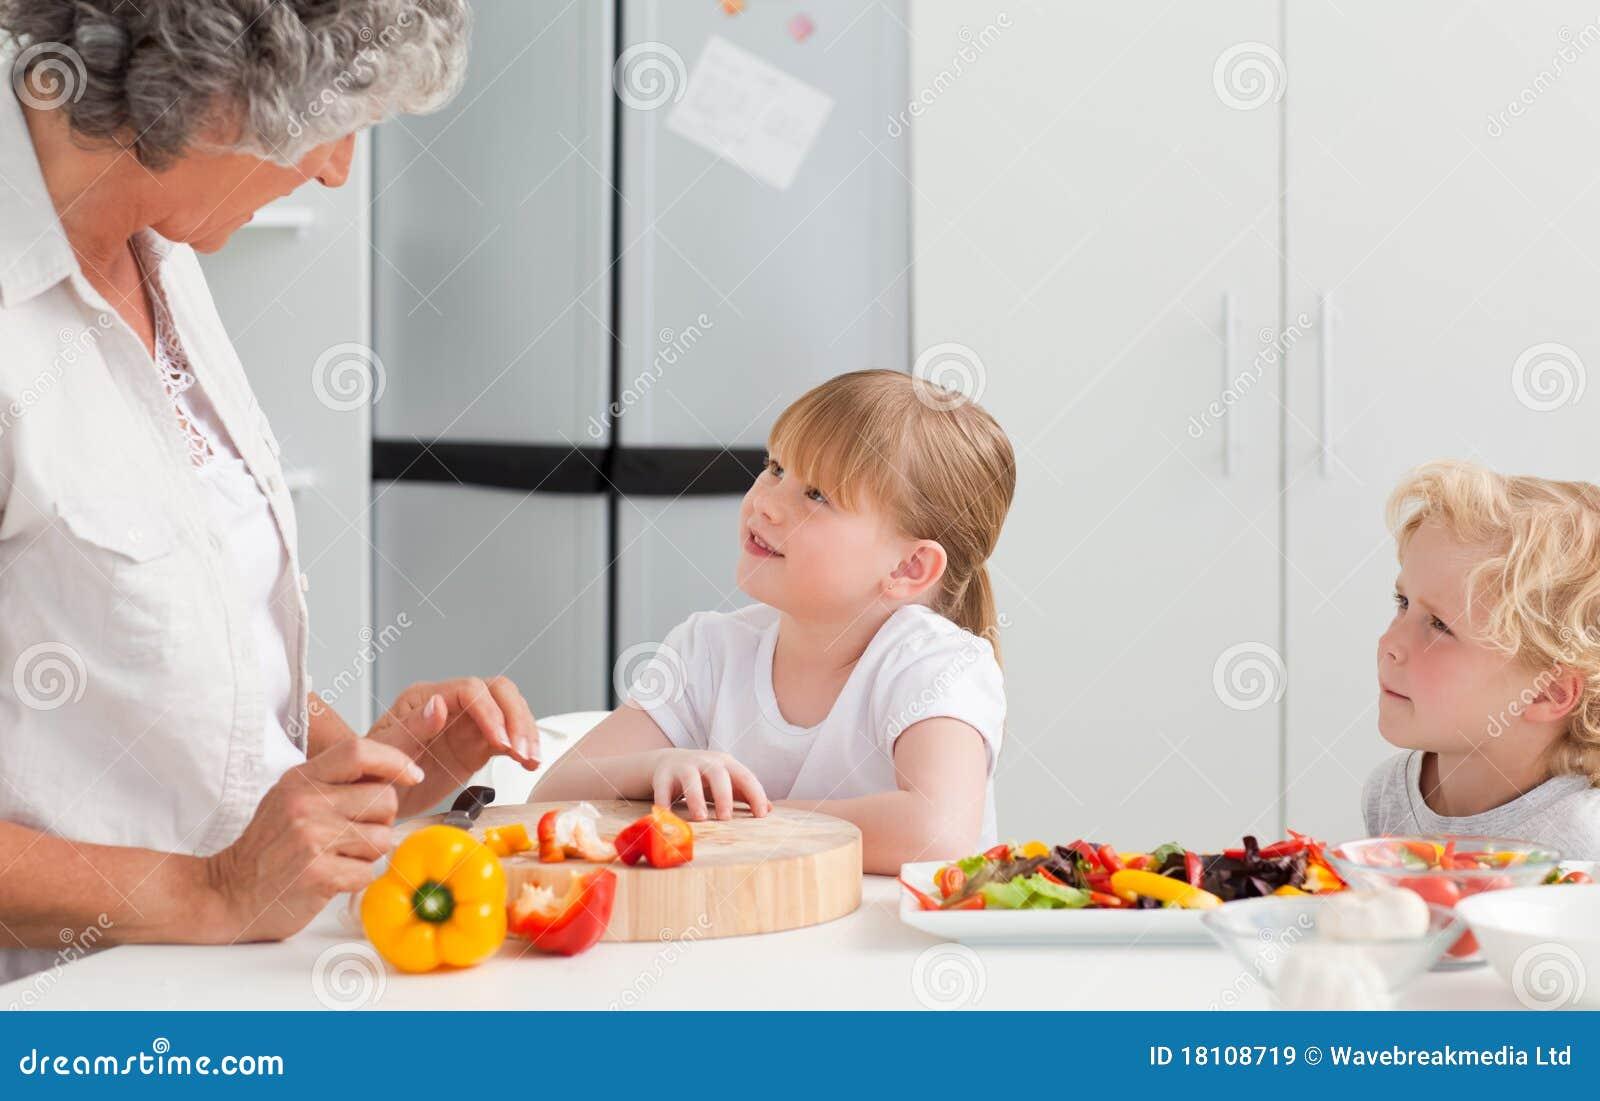 Старуха и внук на кухне 20 фотография